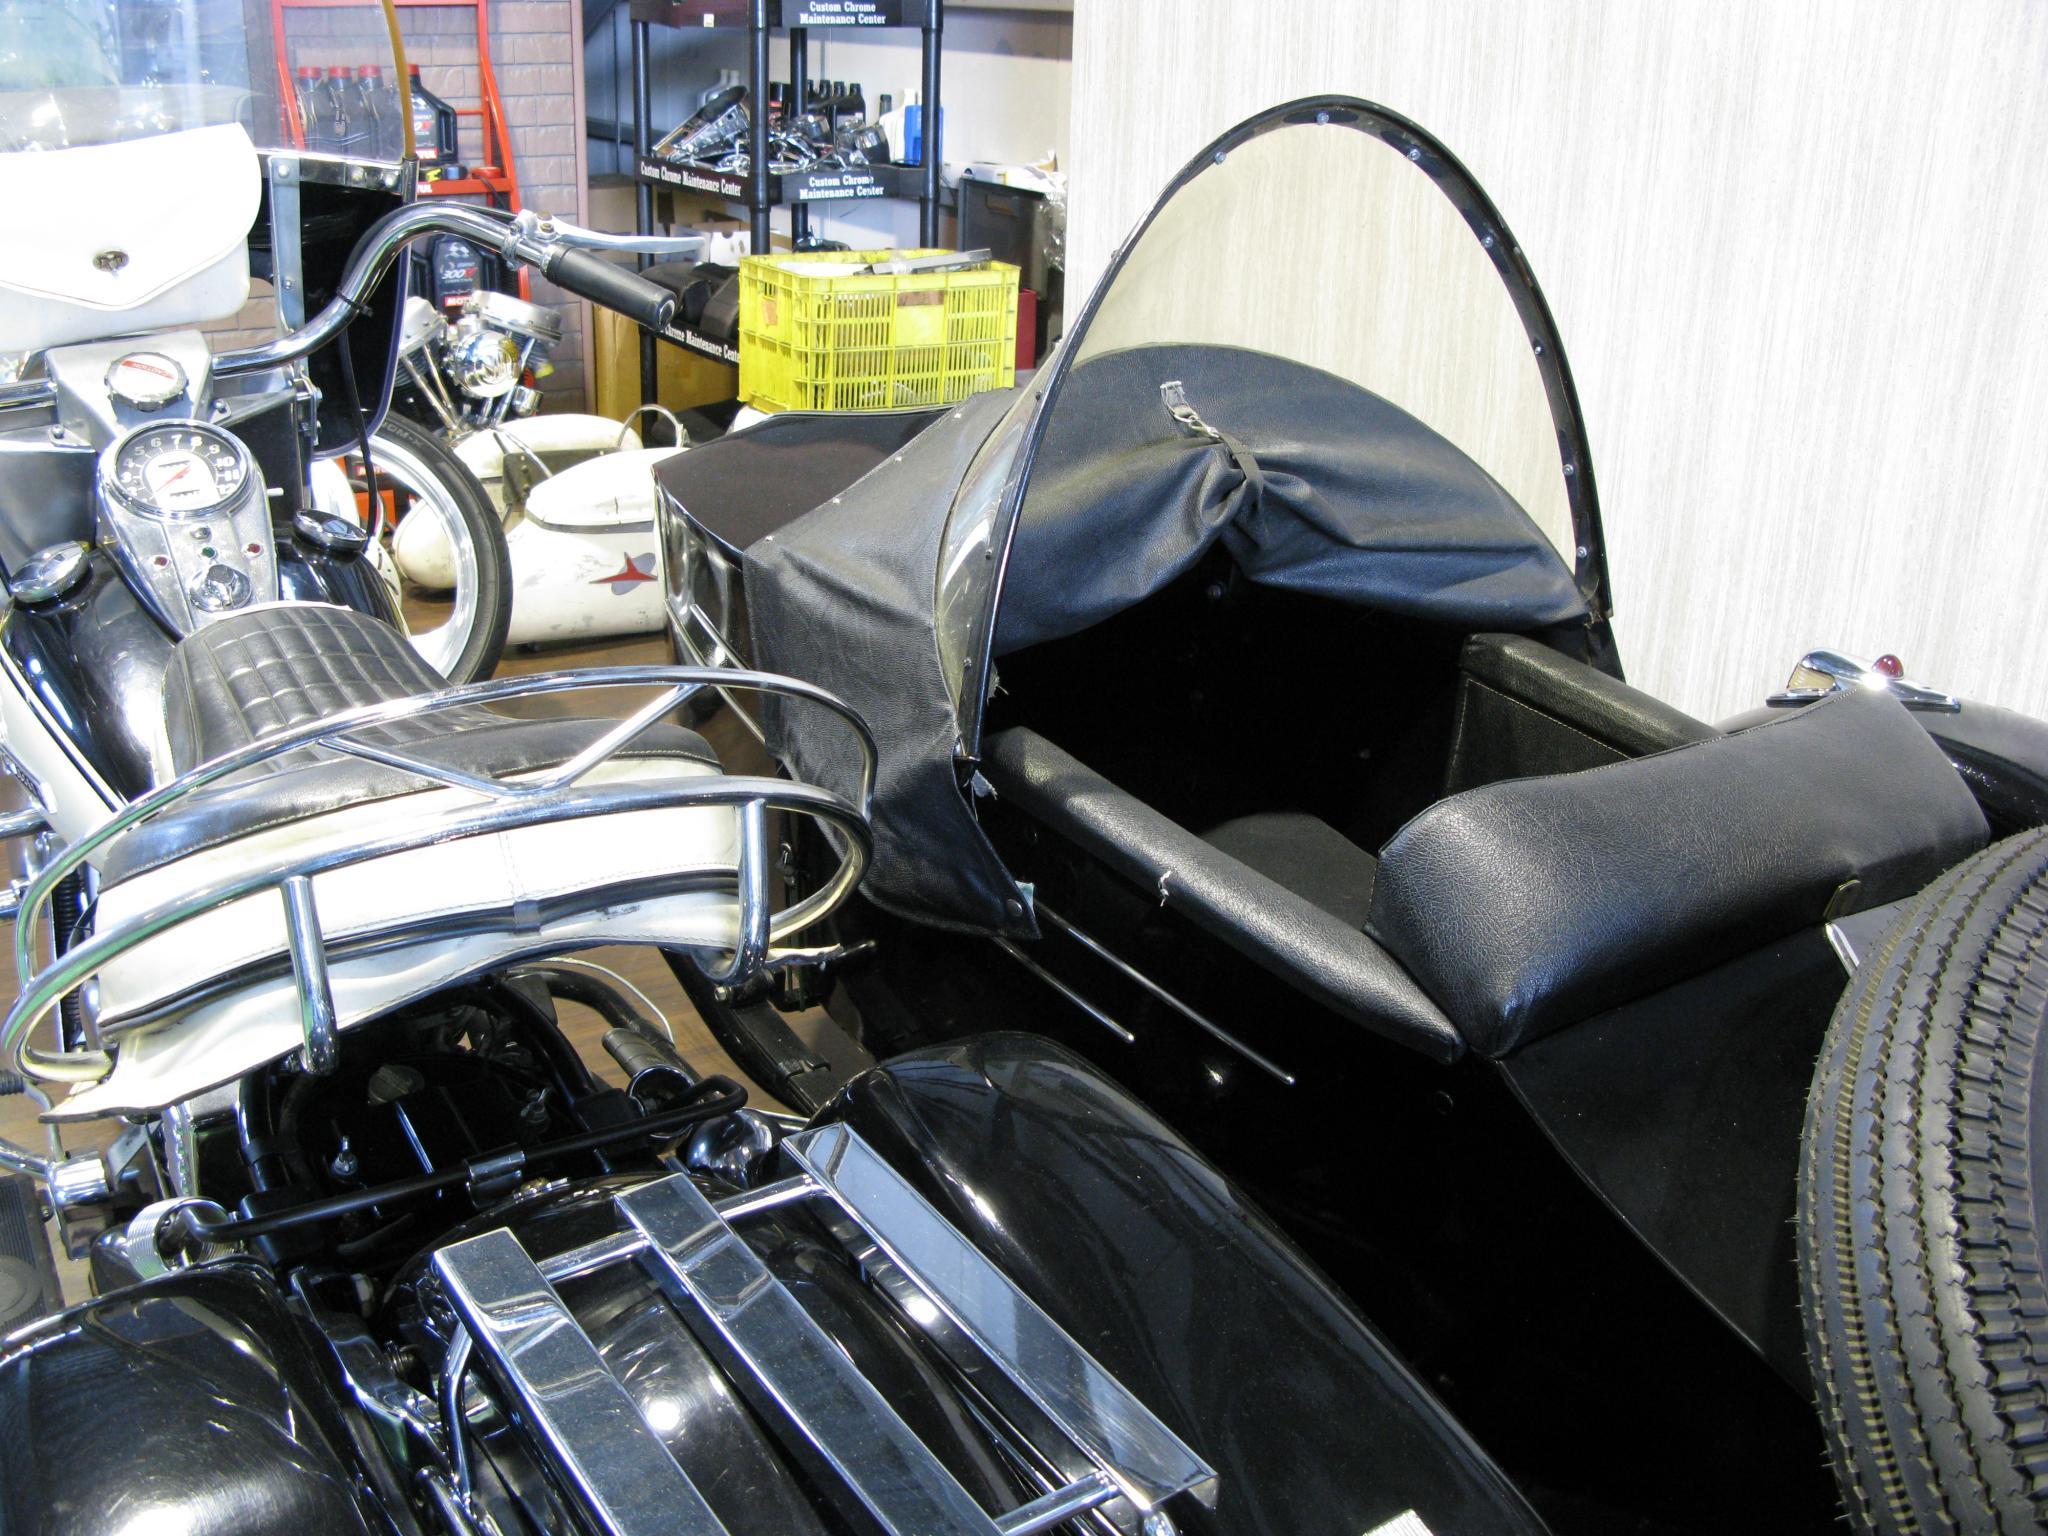 ハーレーダビッドソン 1964 FLH Duo Glide SC 車体写真8